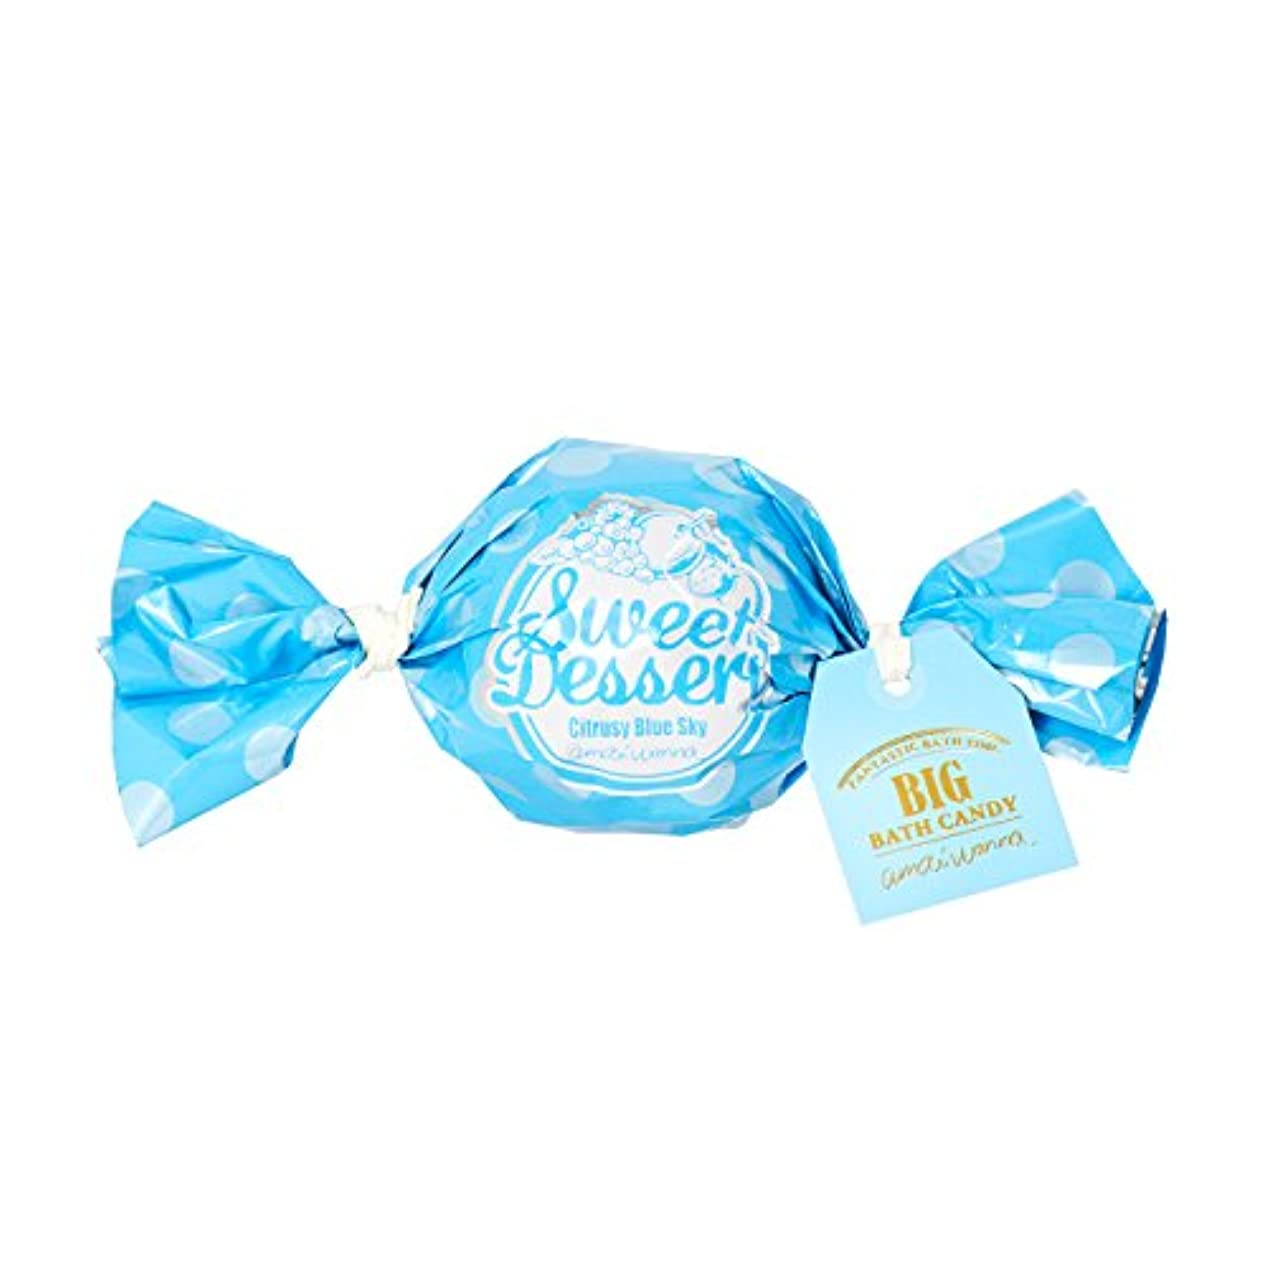 アトラスピックかどうかアマイワナ ビッグバスキャンディー 青空シトラス 100g(発泡タイプ入浴料 おおらかで凛としたシトラスの香り)